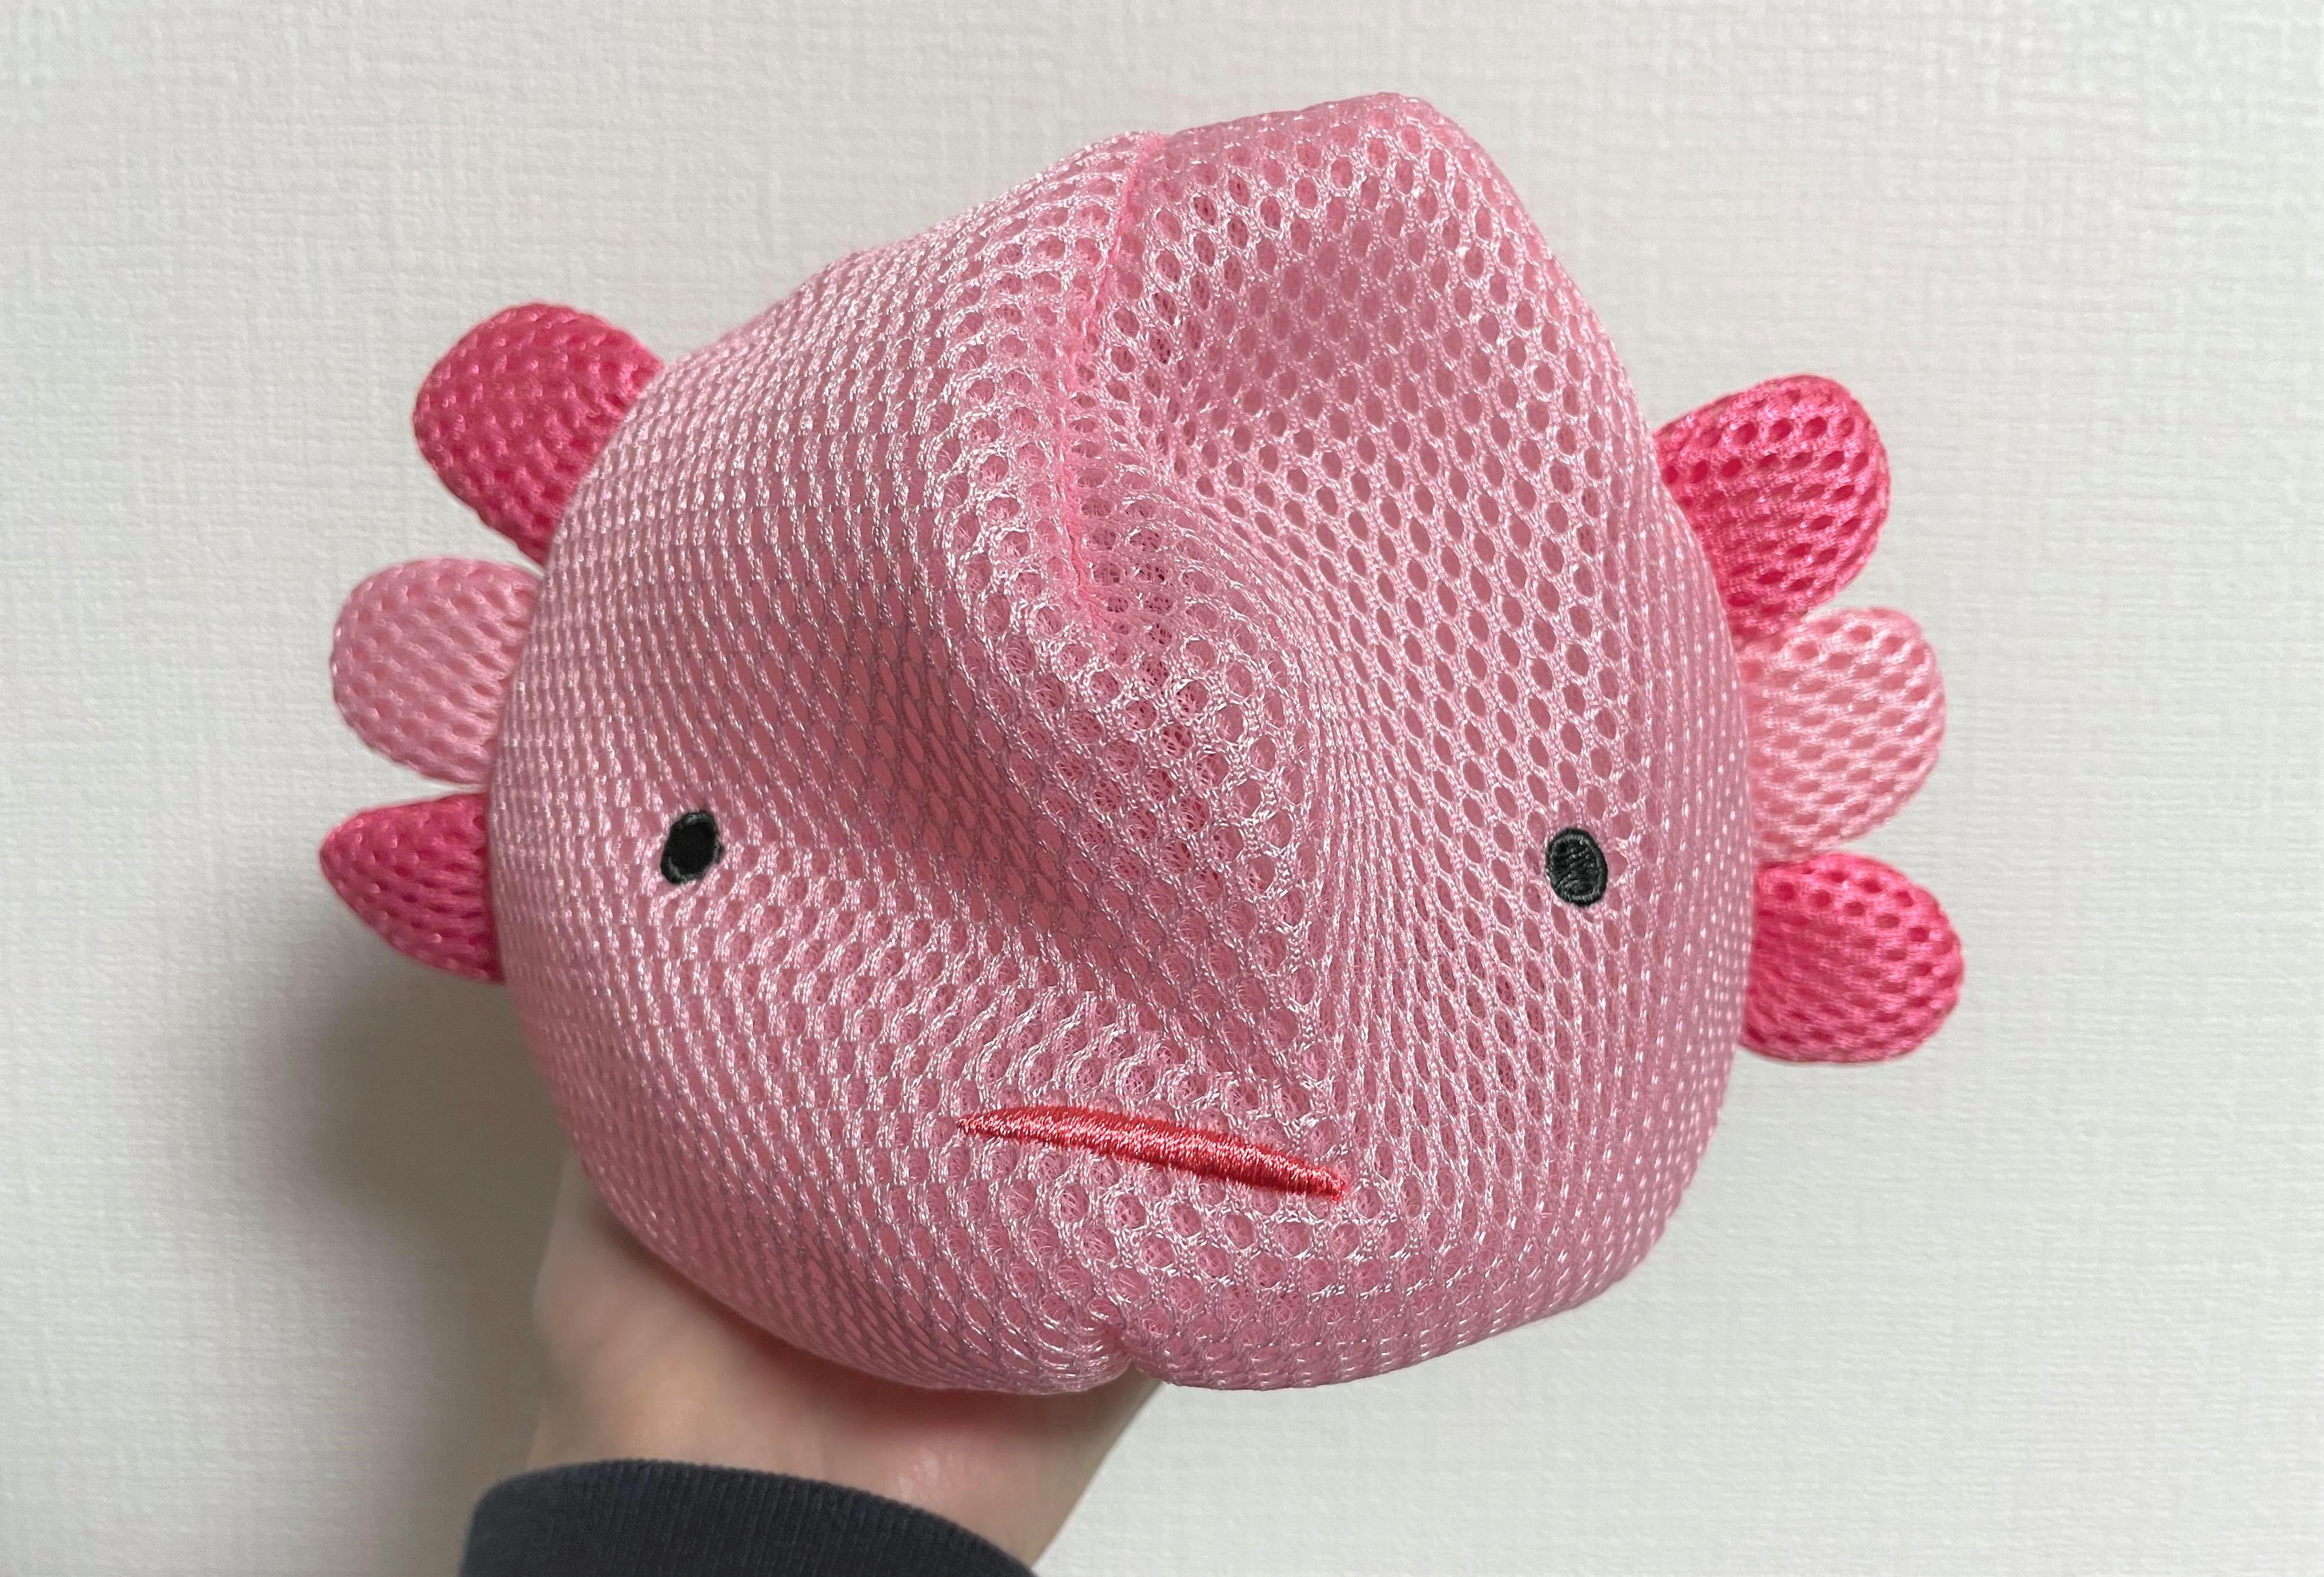 そろそろ「マスク専用洗濯ネット」があっても良いんじゃない? ウーパールーパー型のネットが可愛くてオススメ!!